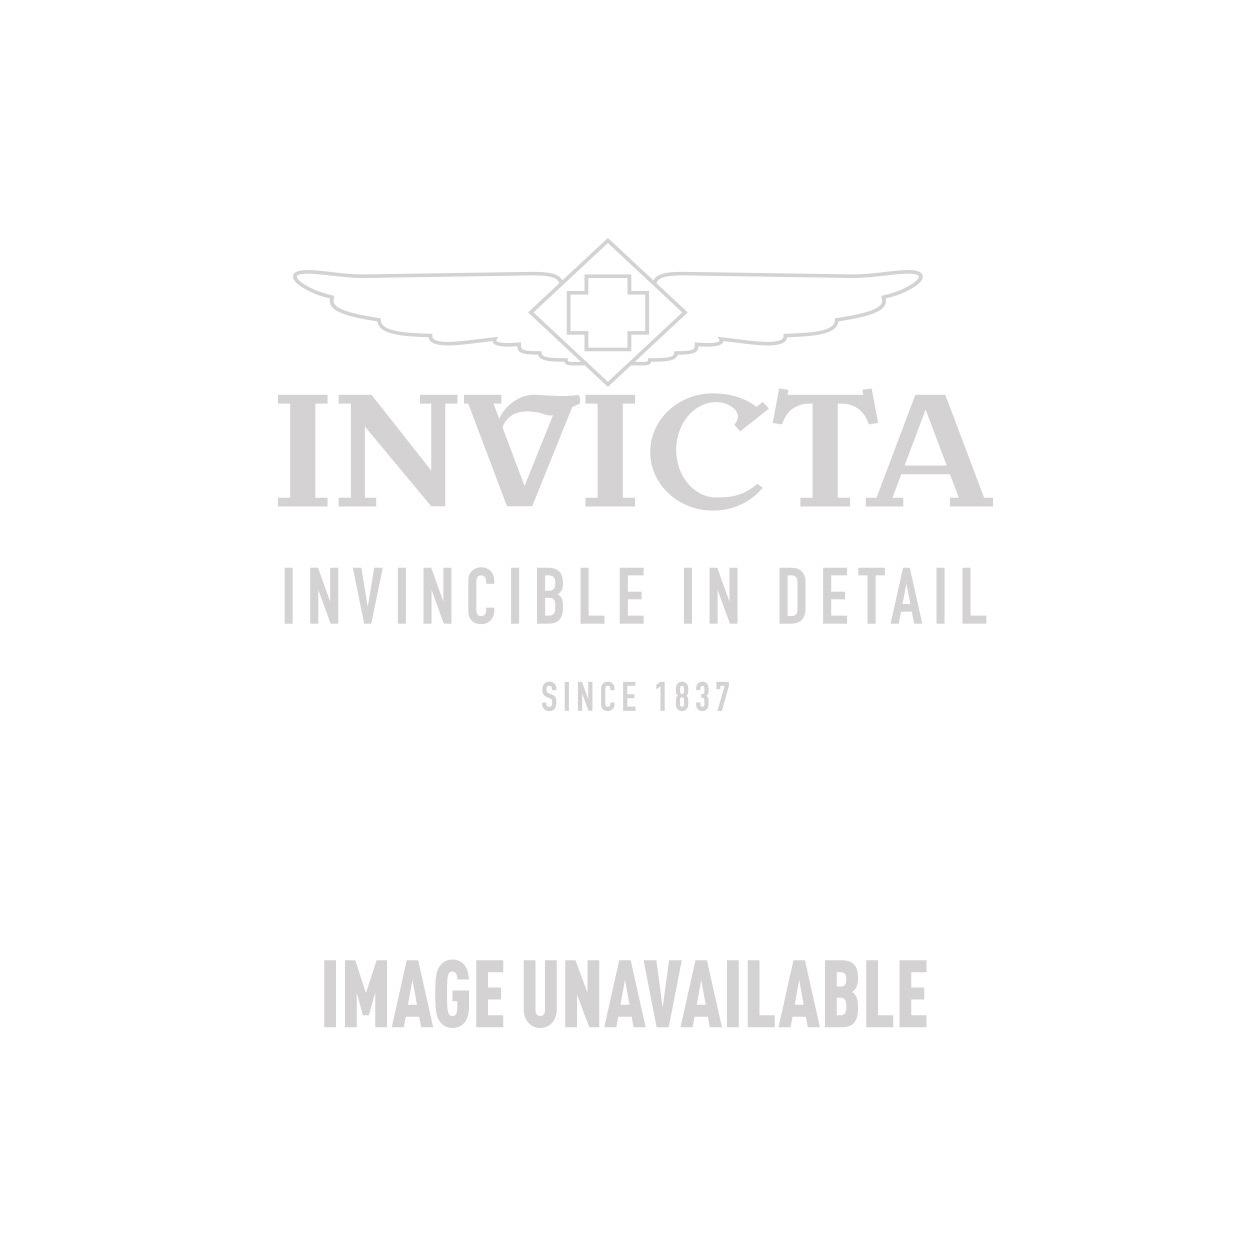 Invicta Model 25524